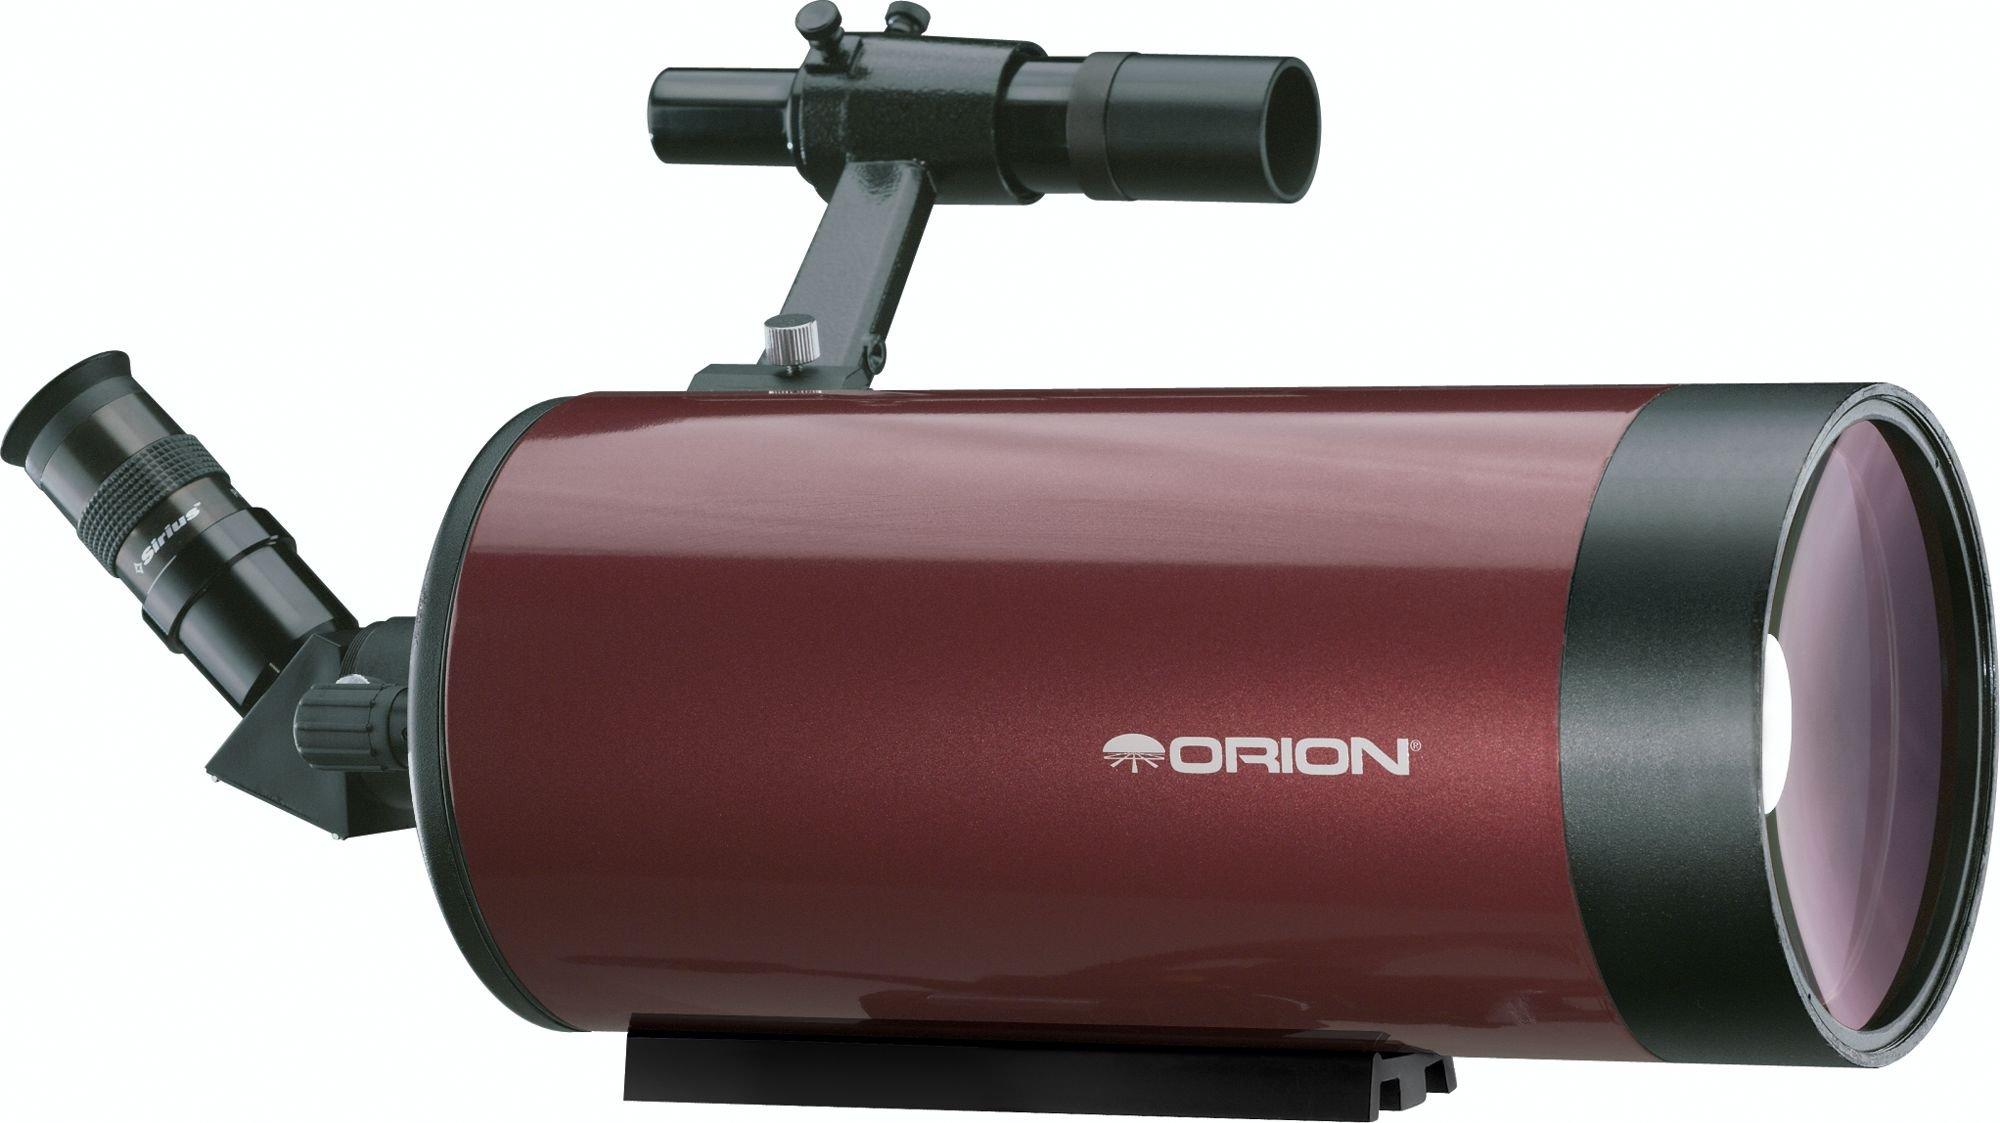 Orion 9825 Apex 127mm Maksutov-Cassegrain Telescope by Orion